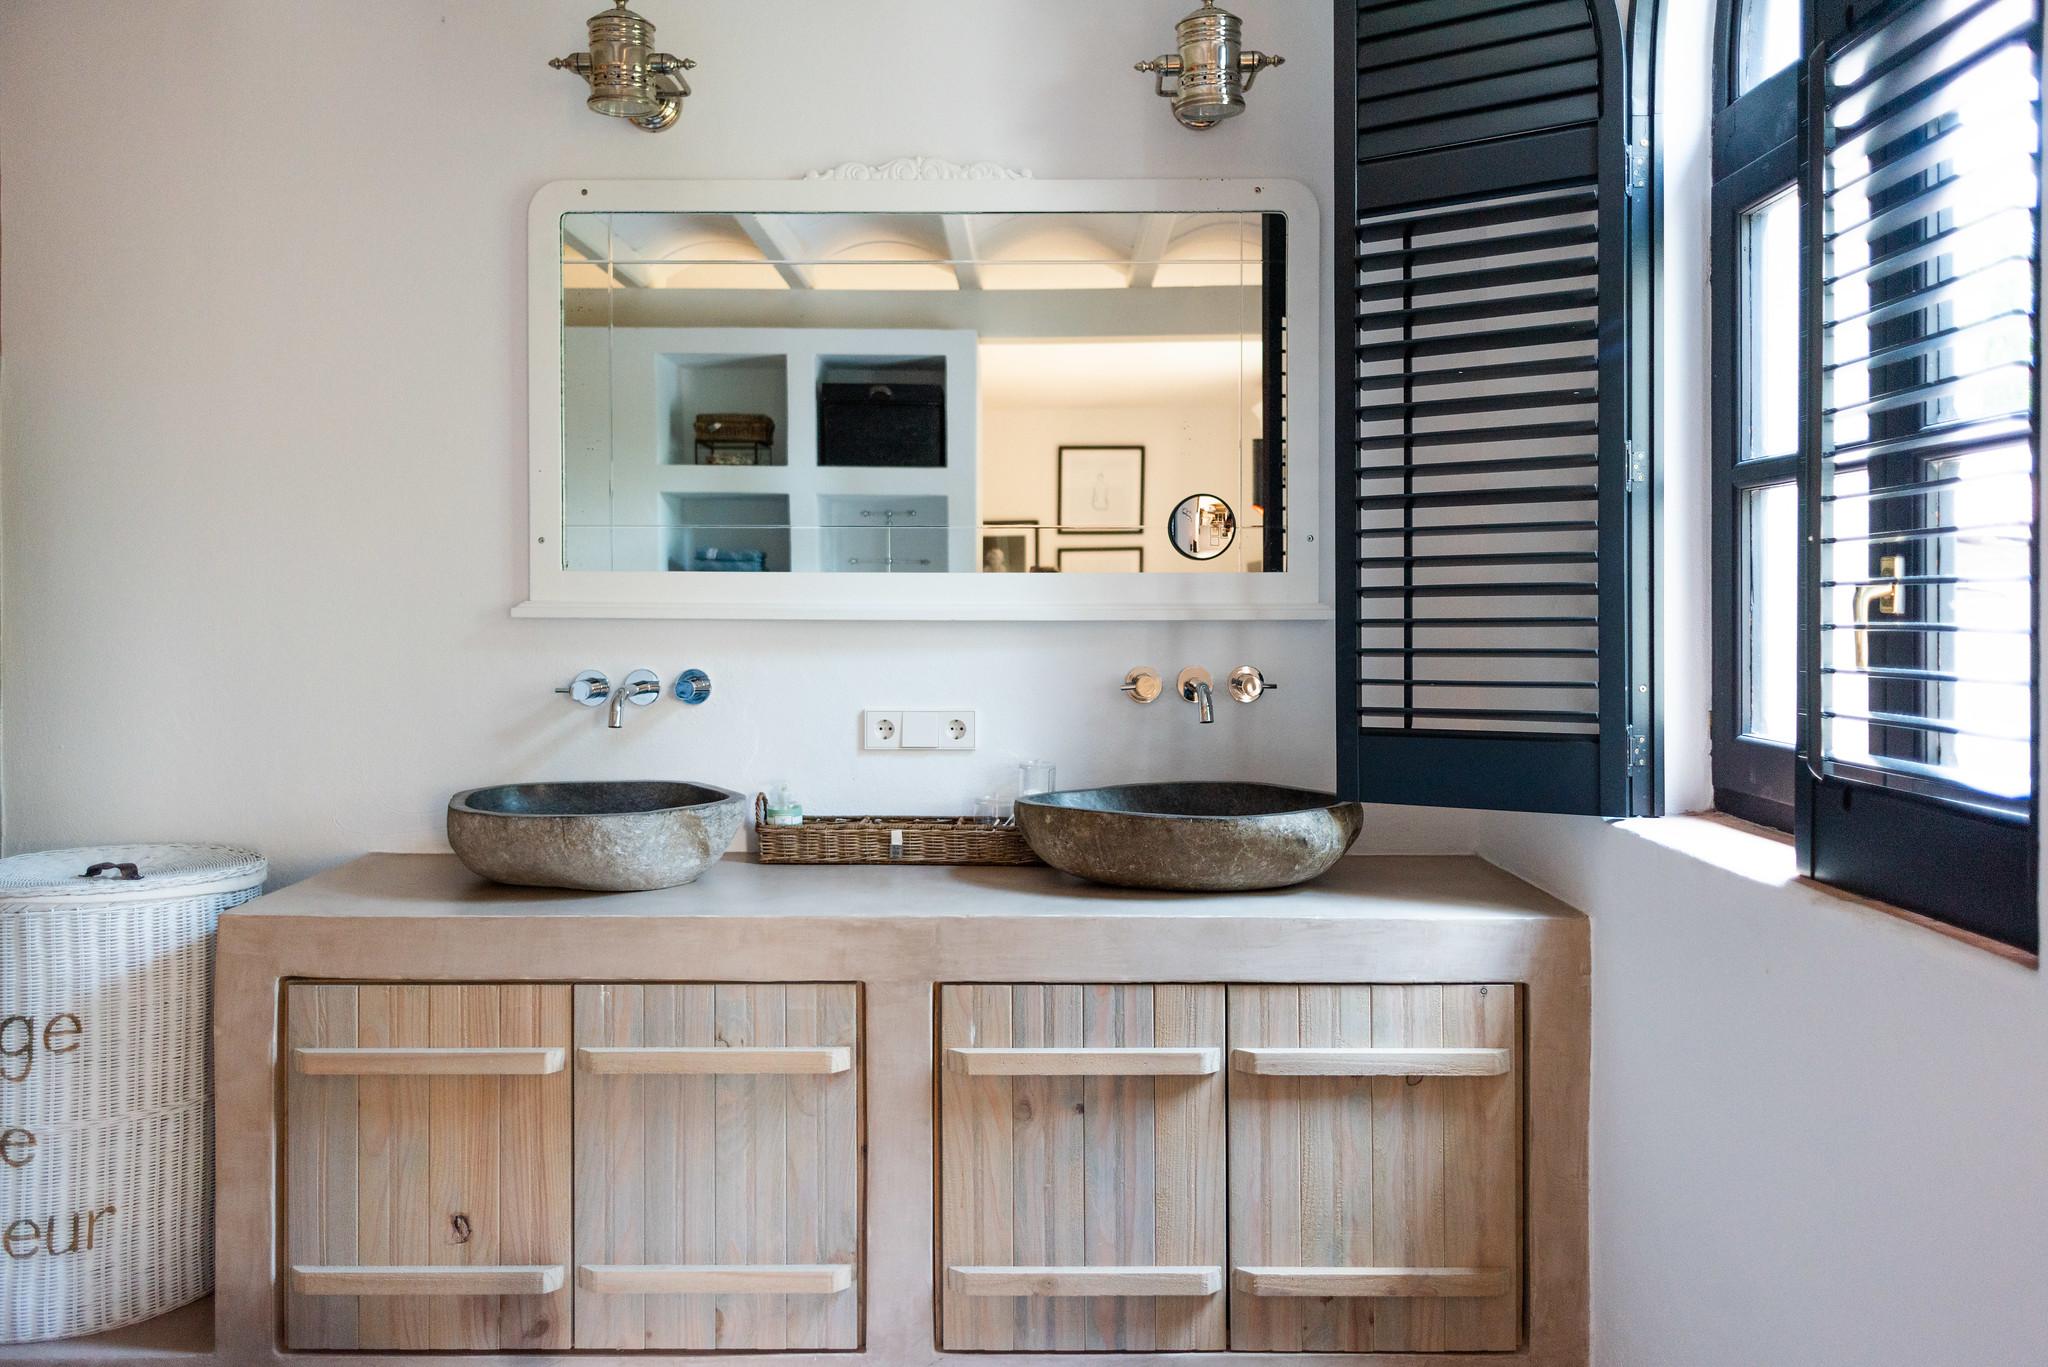 https://www.white-ibiza.com/wp-content/uploads/2020/05/white-ibiza-villas-can-riviere-interior-bathroom.jpg